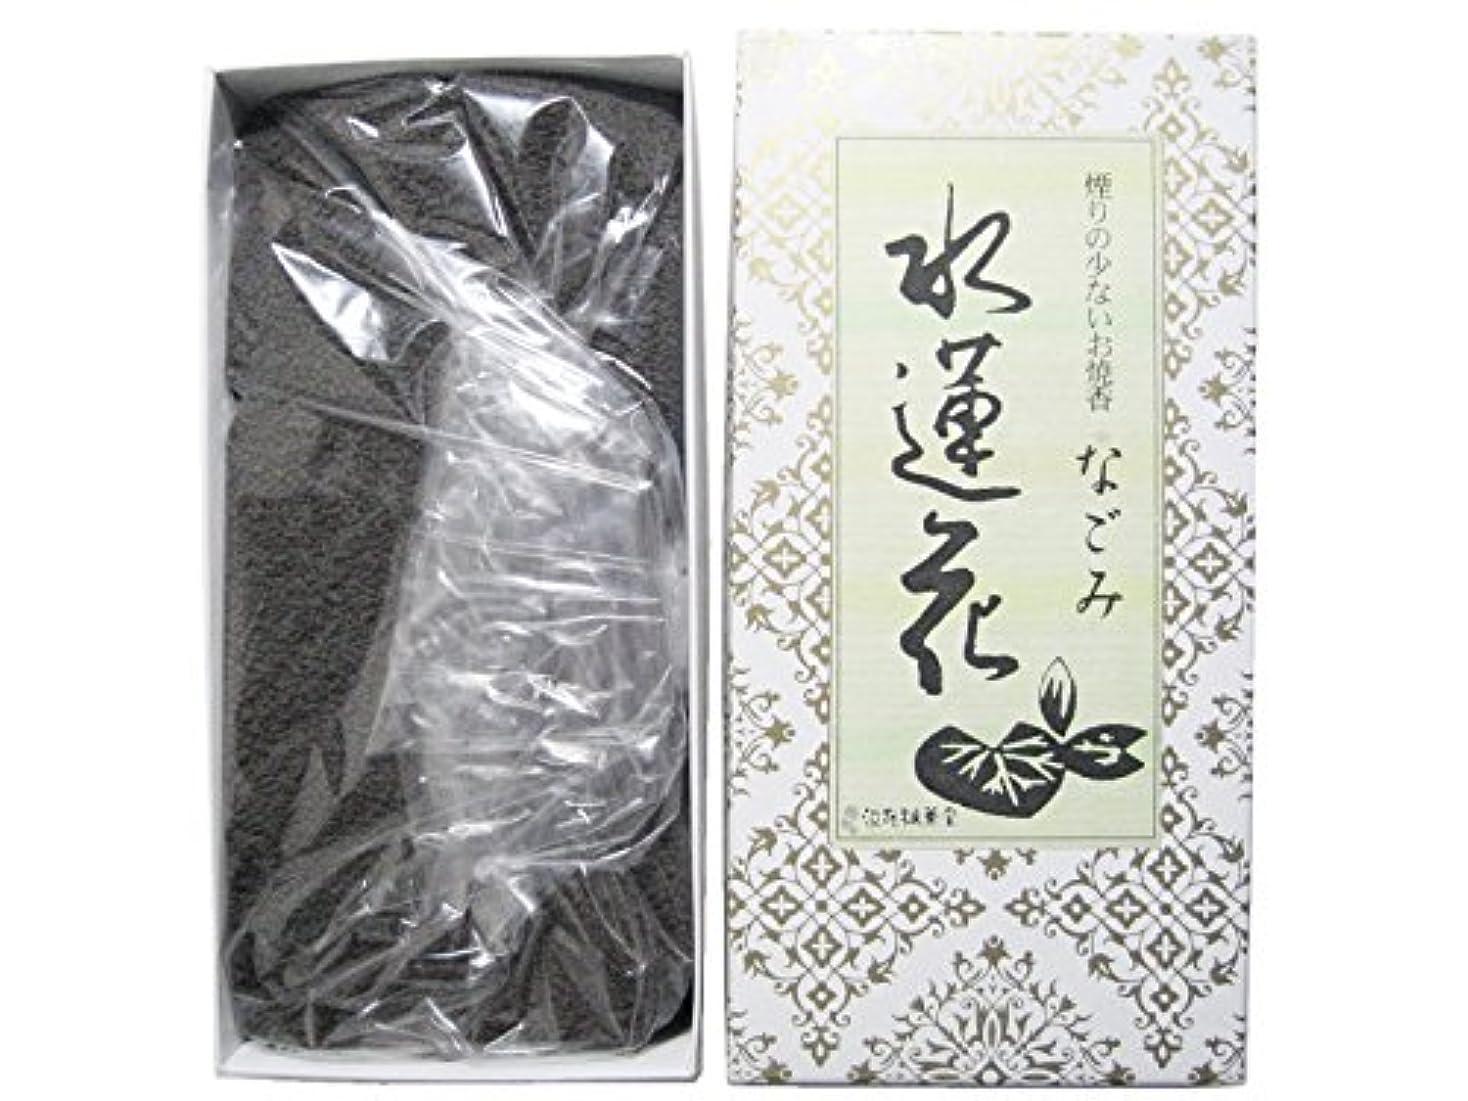 ミニチュア助けになる間違いなく淡路梅薫堂のお香 煙の少ないお焼香 なごみ 水蓮花 500g×5箱 #931